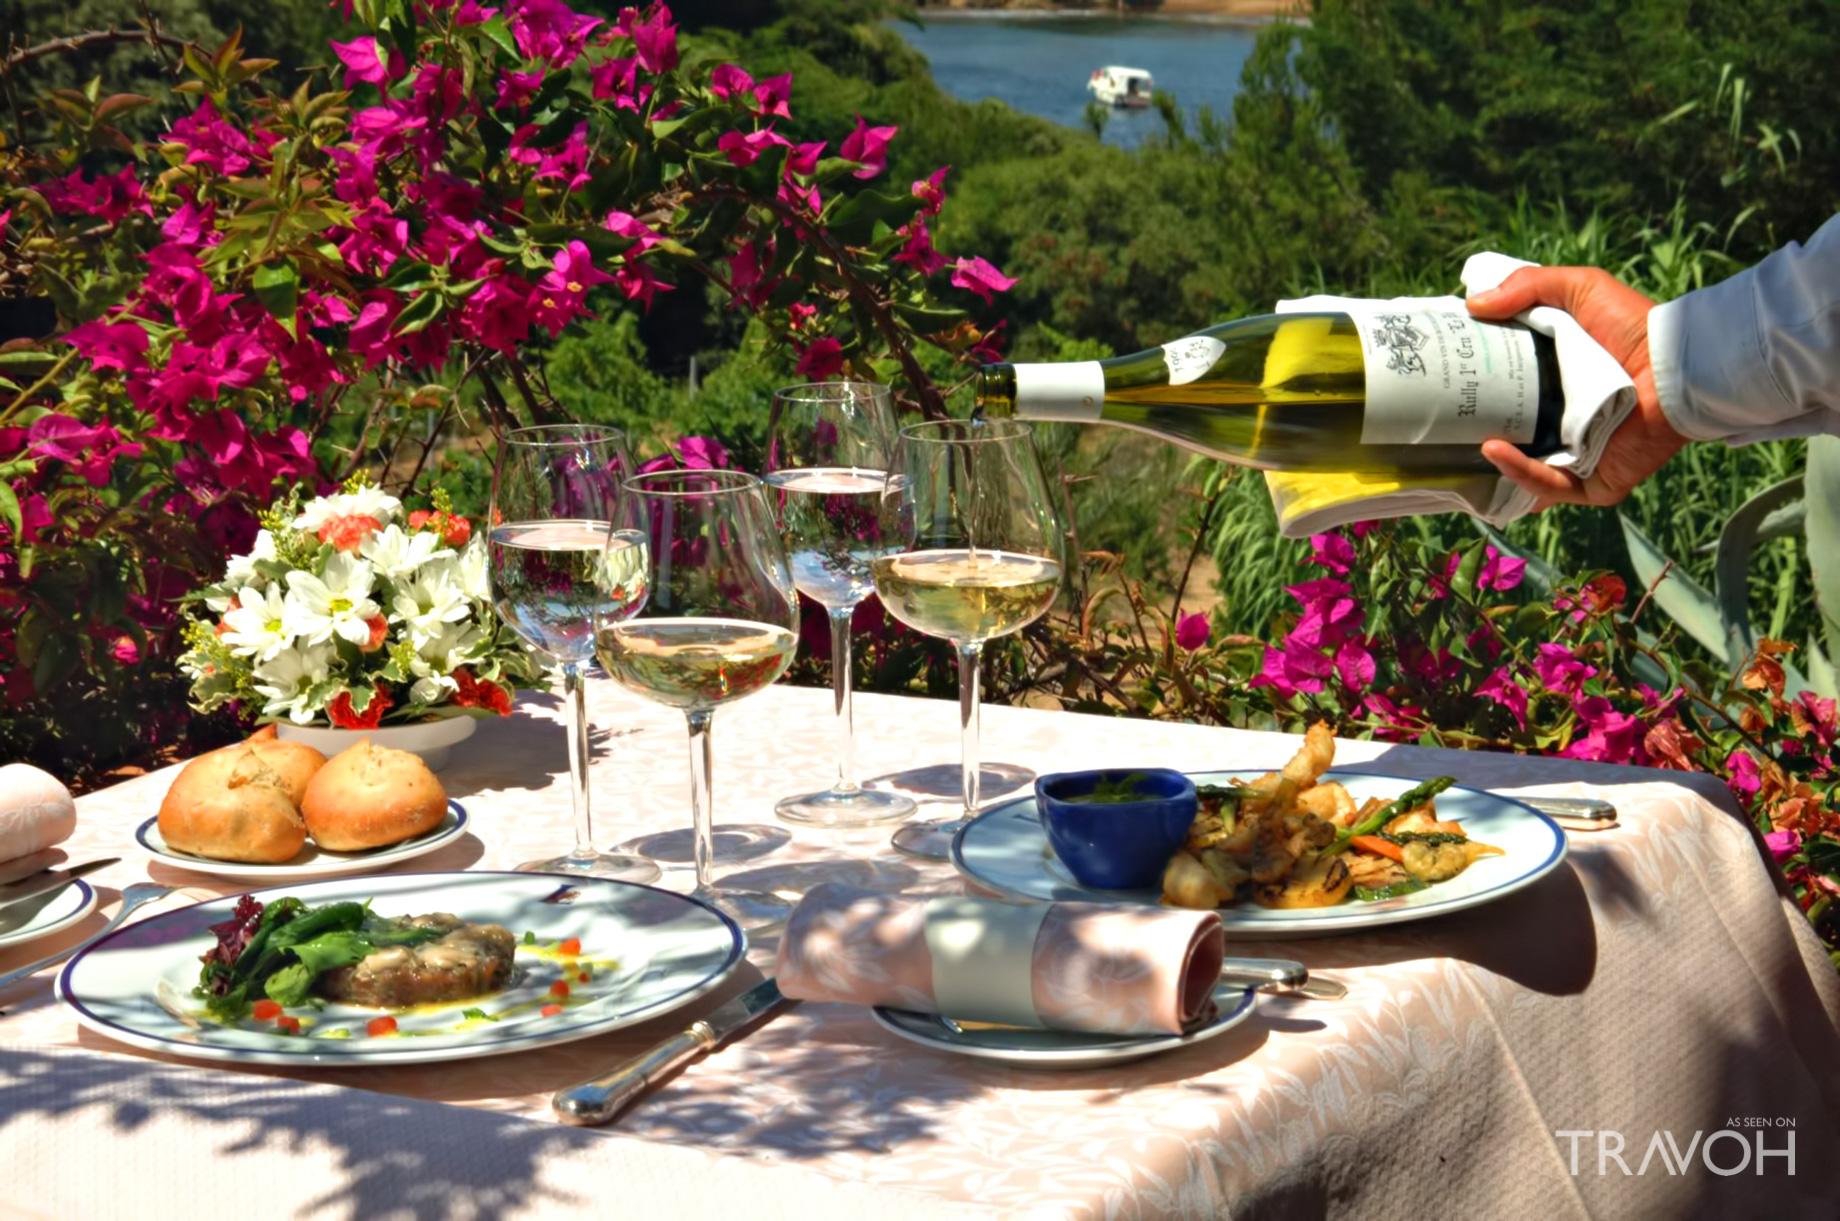 Le Mas du Langoustier Restaurant - Porquerolles Island, France - A Sanctuary of Gastronomy